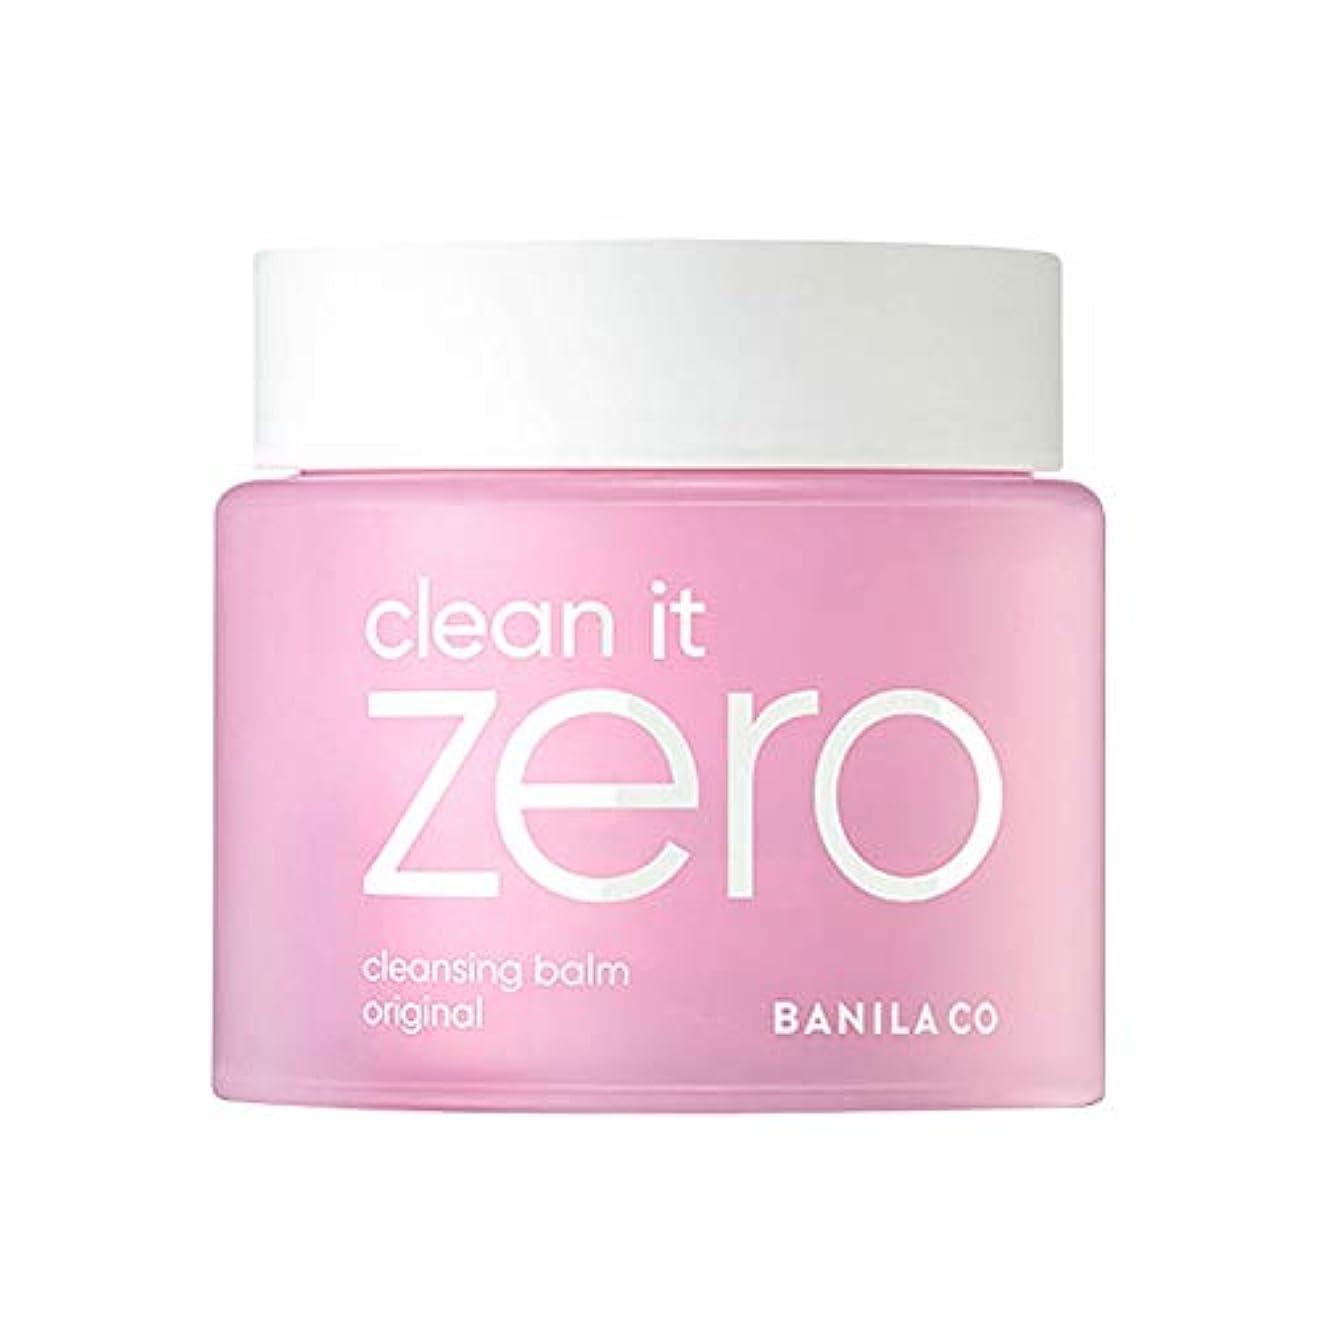 バニラコクリーンイットゼロクレンジングbalmオリジナル180mlクレンジングクリーム、Banila Co Clean It Zero Cleansing Balm Original 180ml [並行輸入品]